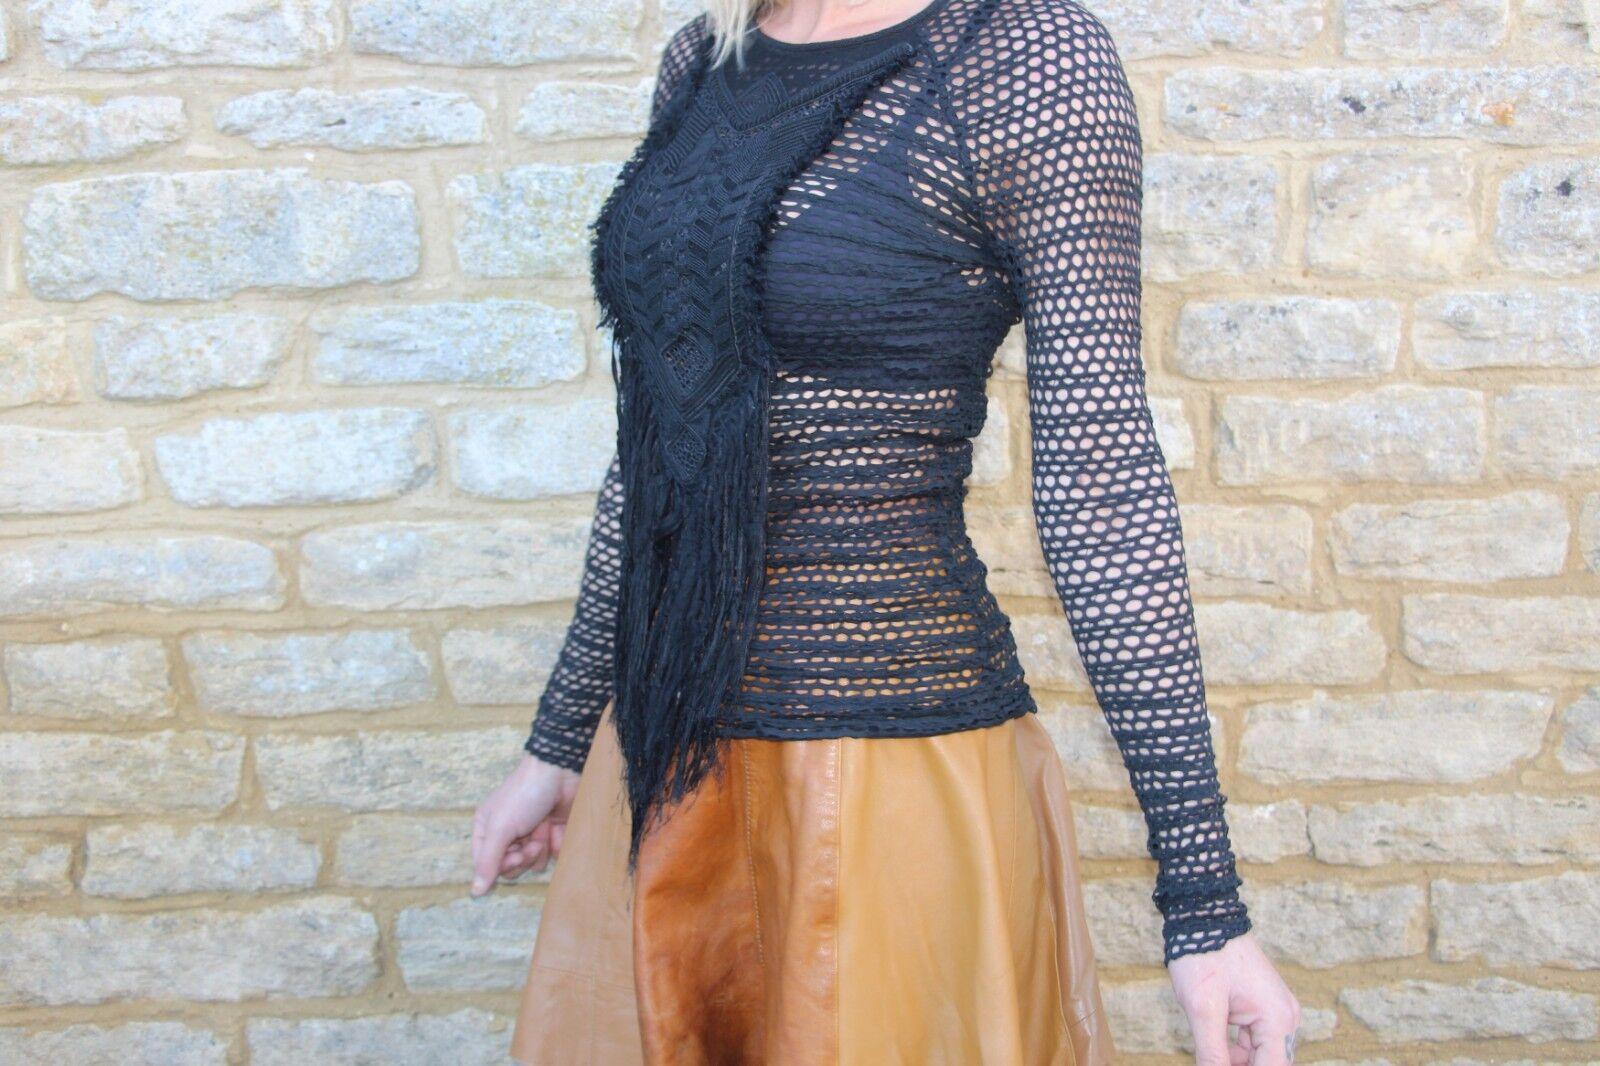 Diseñador Isabel Marant Negro Fishnet yugo de seda con  cuentas Tamaño súperior 0 XS  barato y de moda